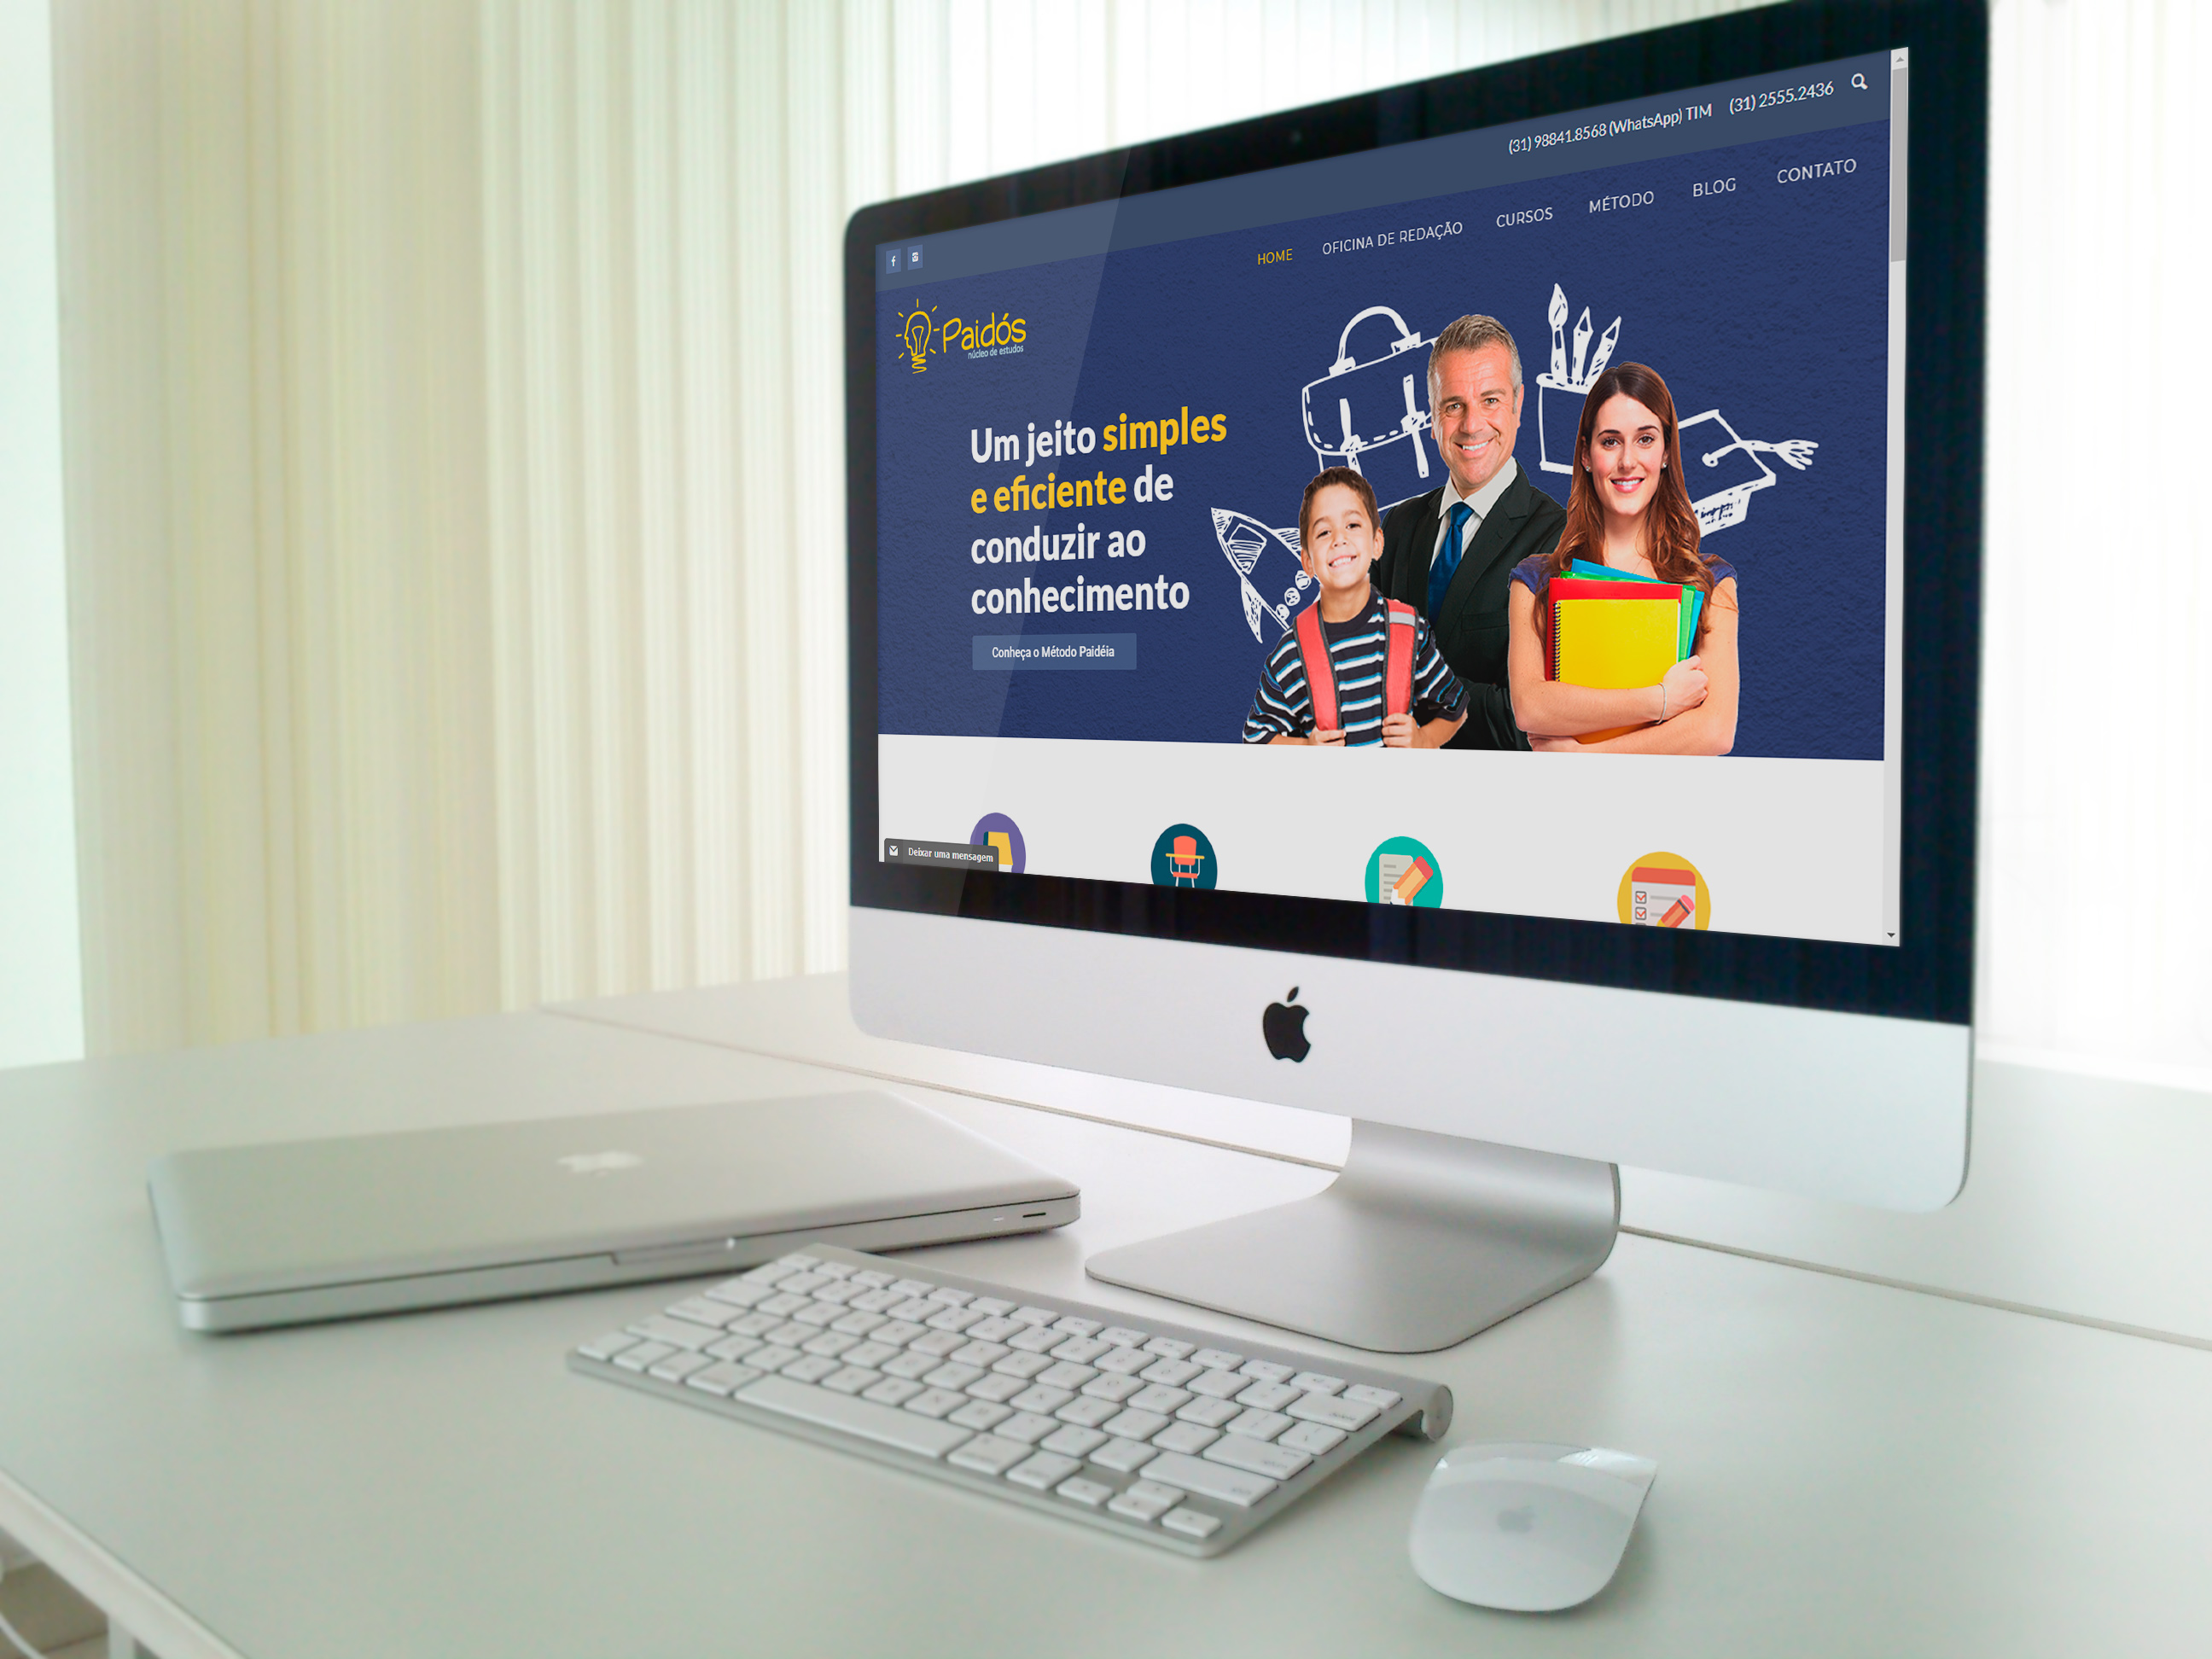 Paidos - Agência de Marketing Digital em Belo Horizonte